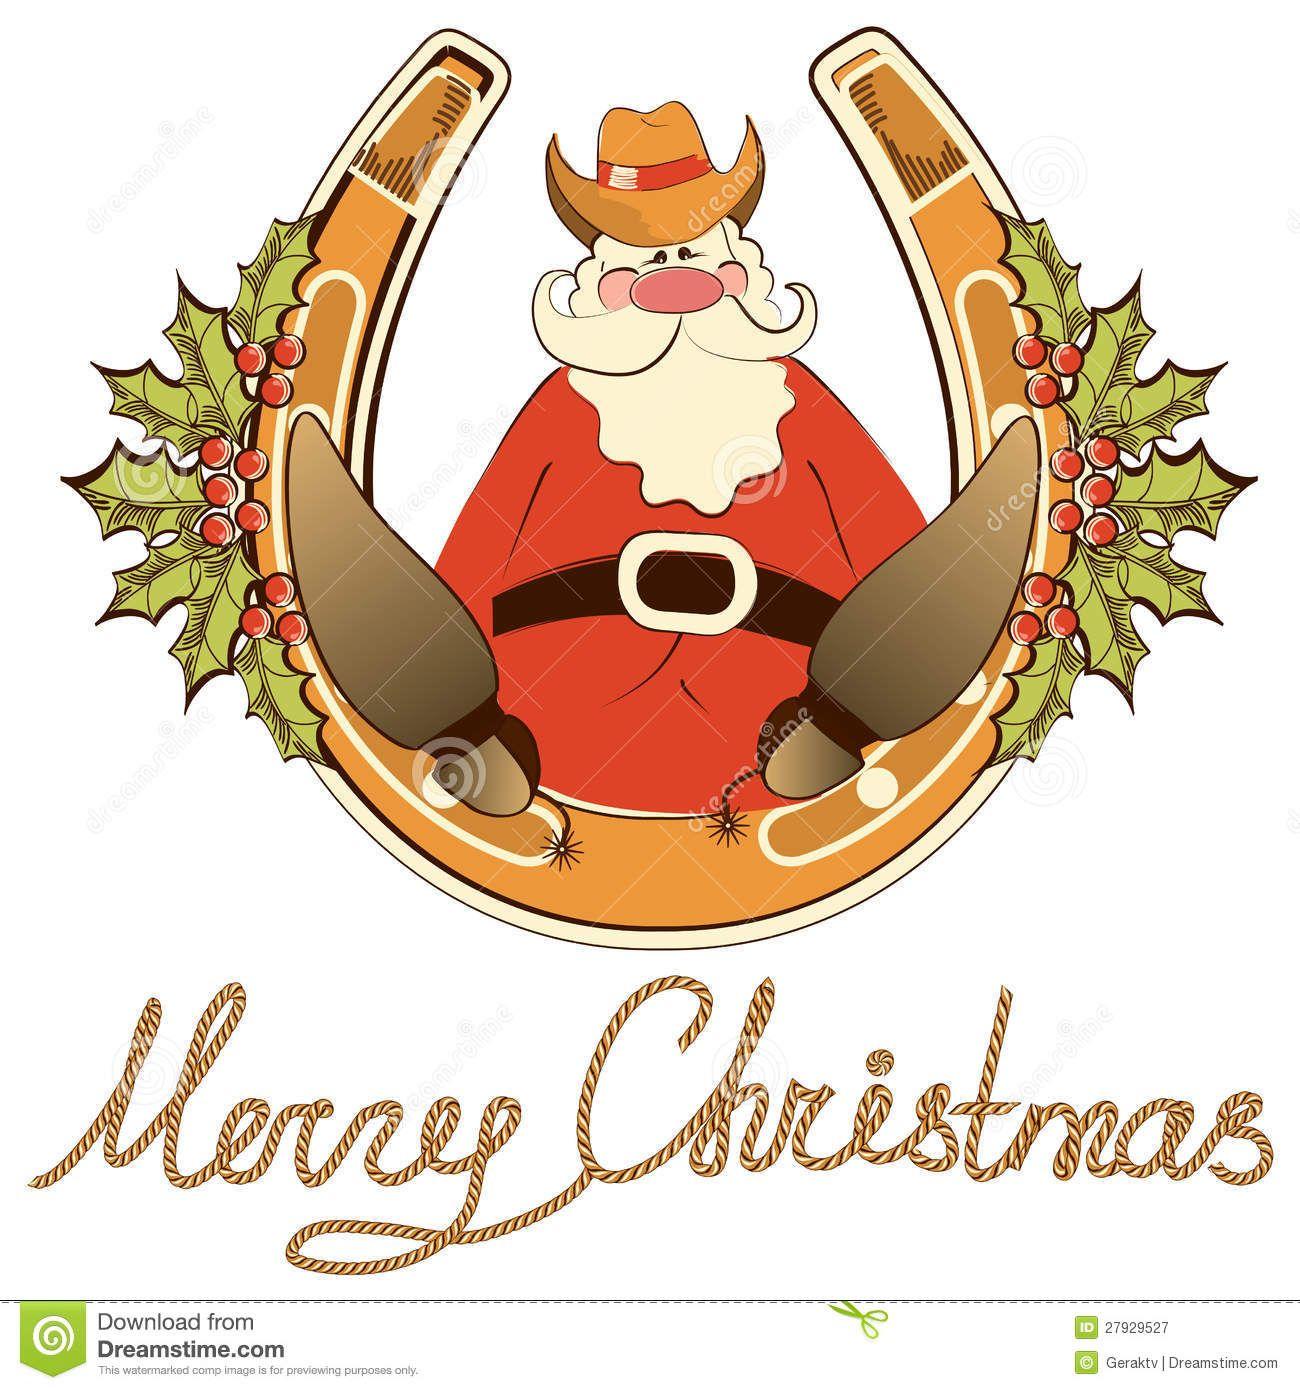 cowboy santa | ... Free Stock Photography: Santa in cowboy shoes sit ... svg library library